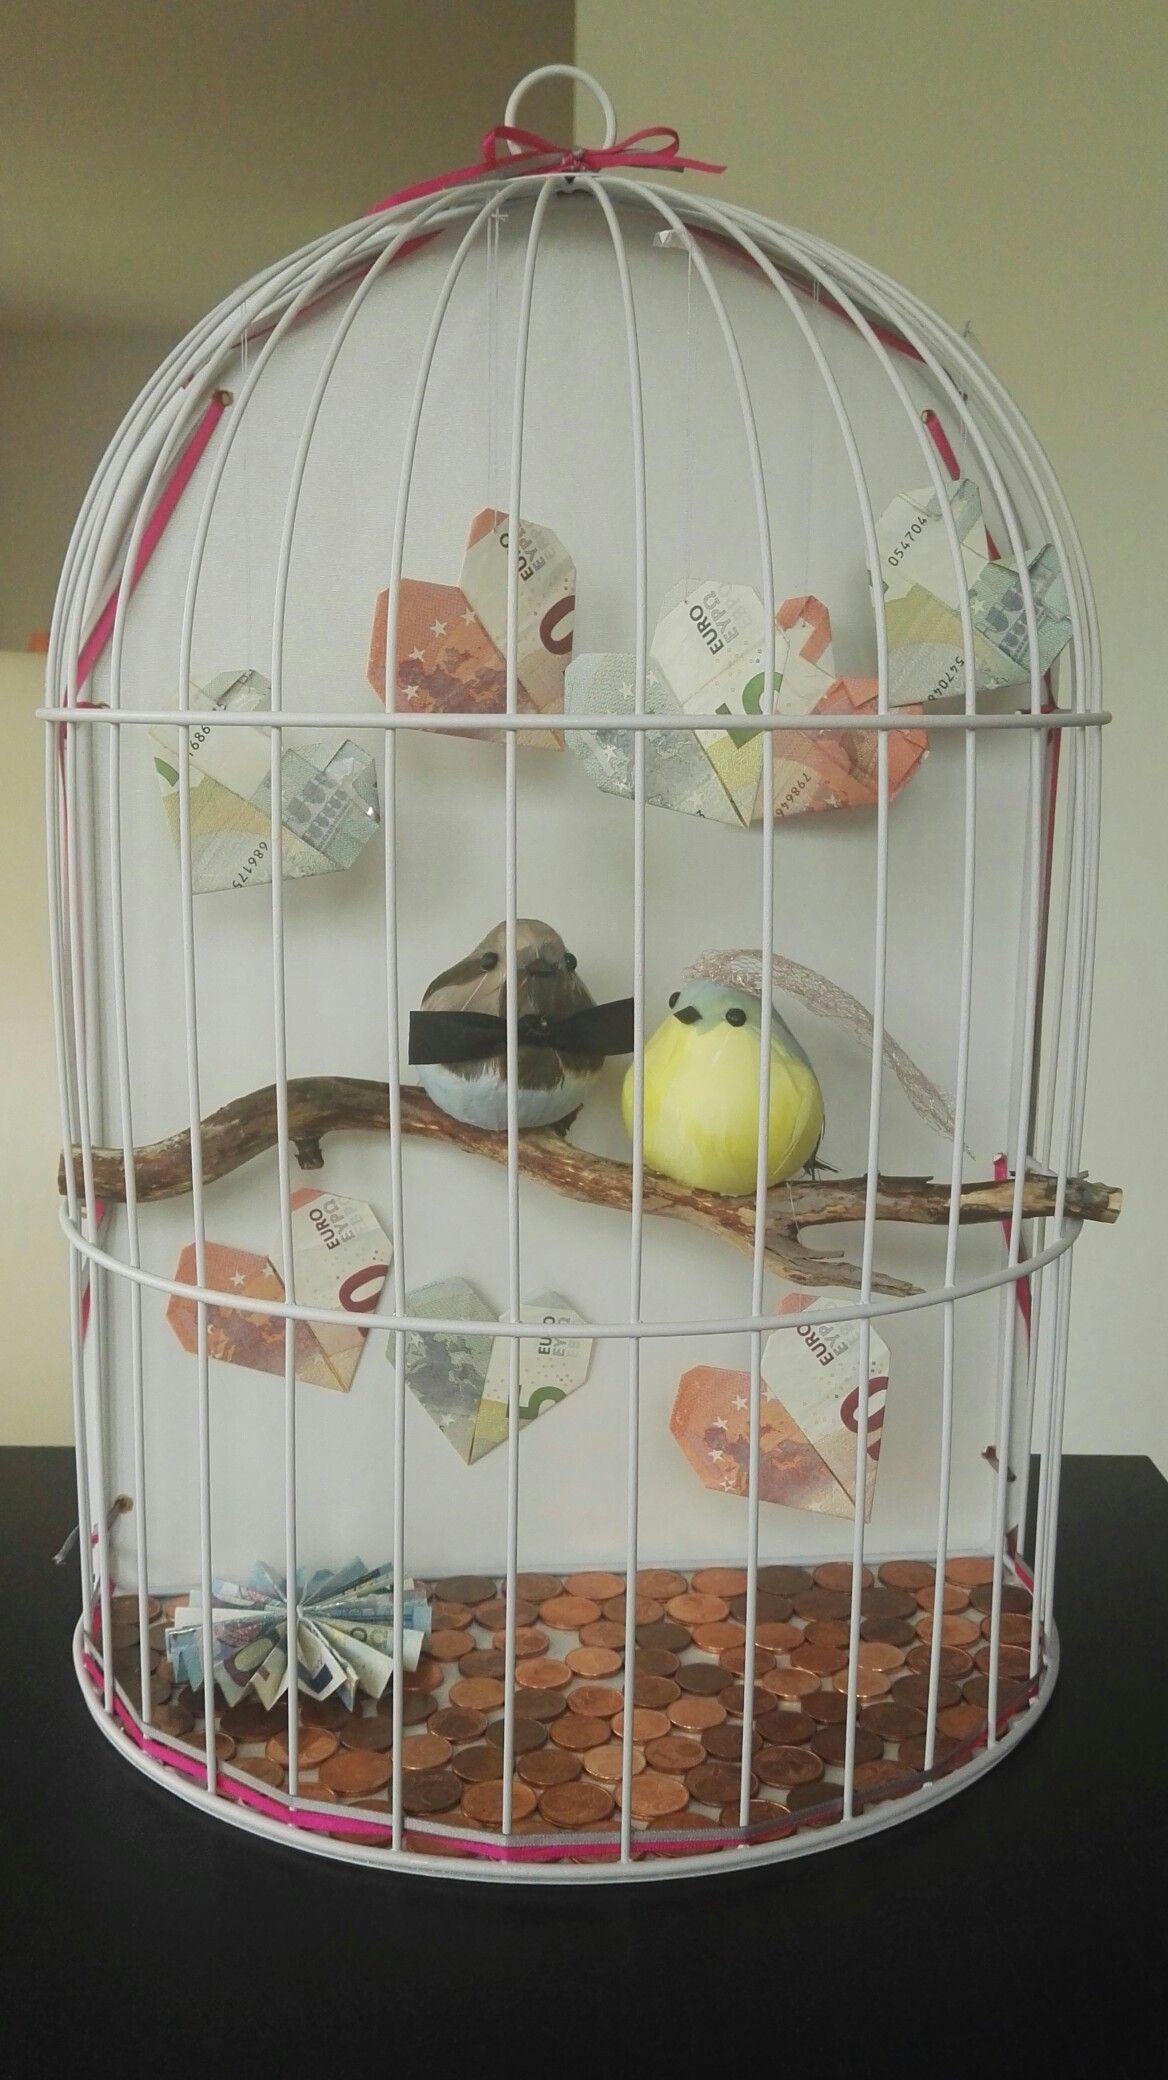 hochzeitsgeschenk geldgeschenk vogelk fig hochzeit pinterest hochzeitsgeschenke. Black Bedroom Furniture Sets. Home Design Ideas